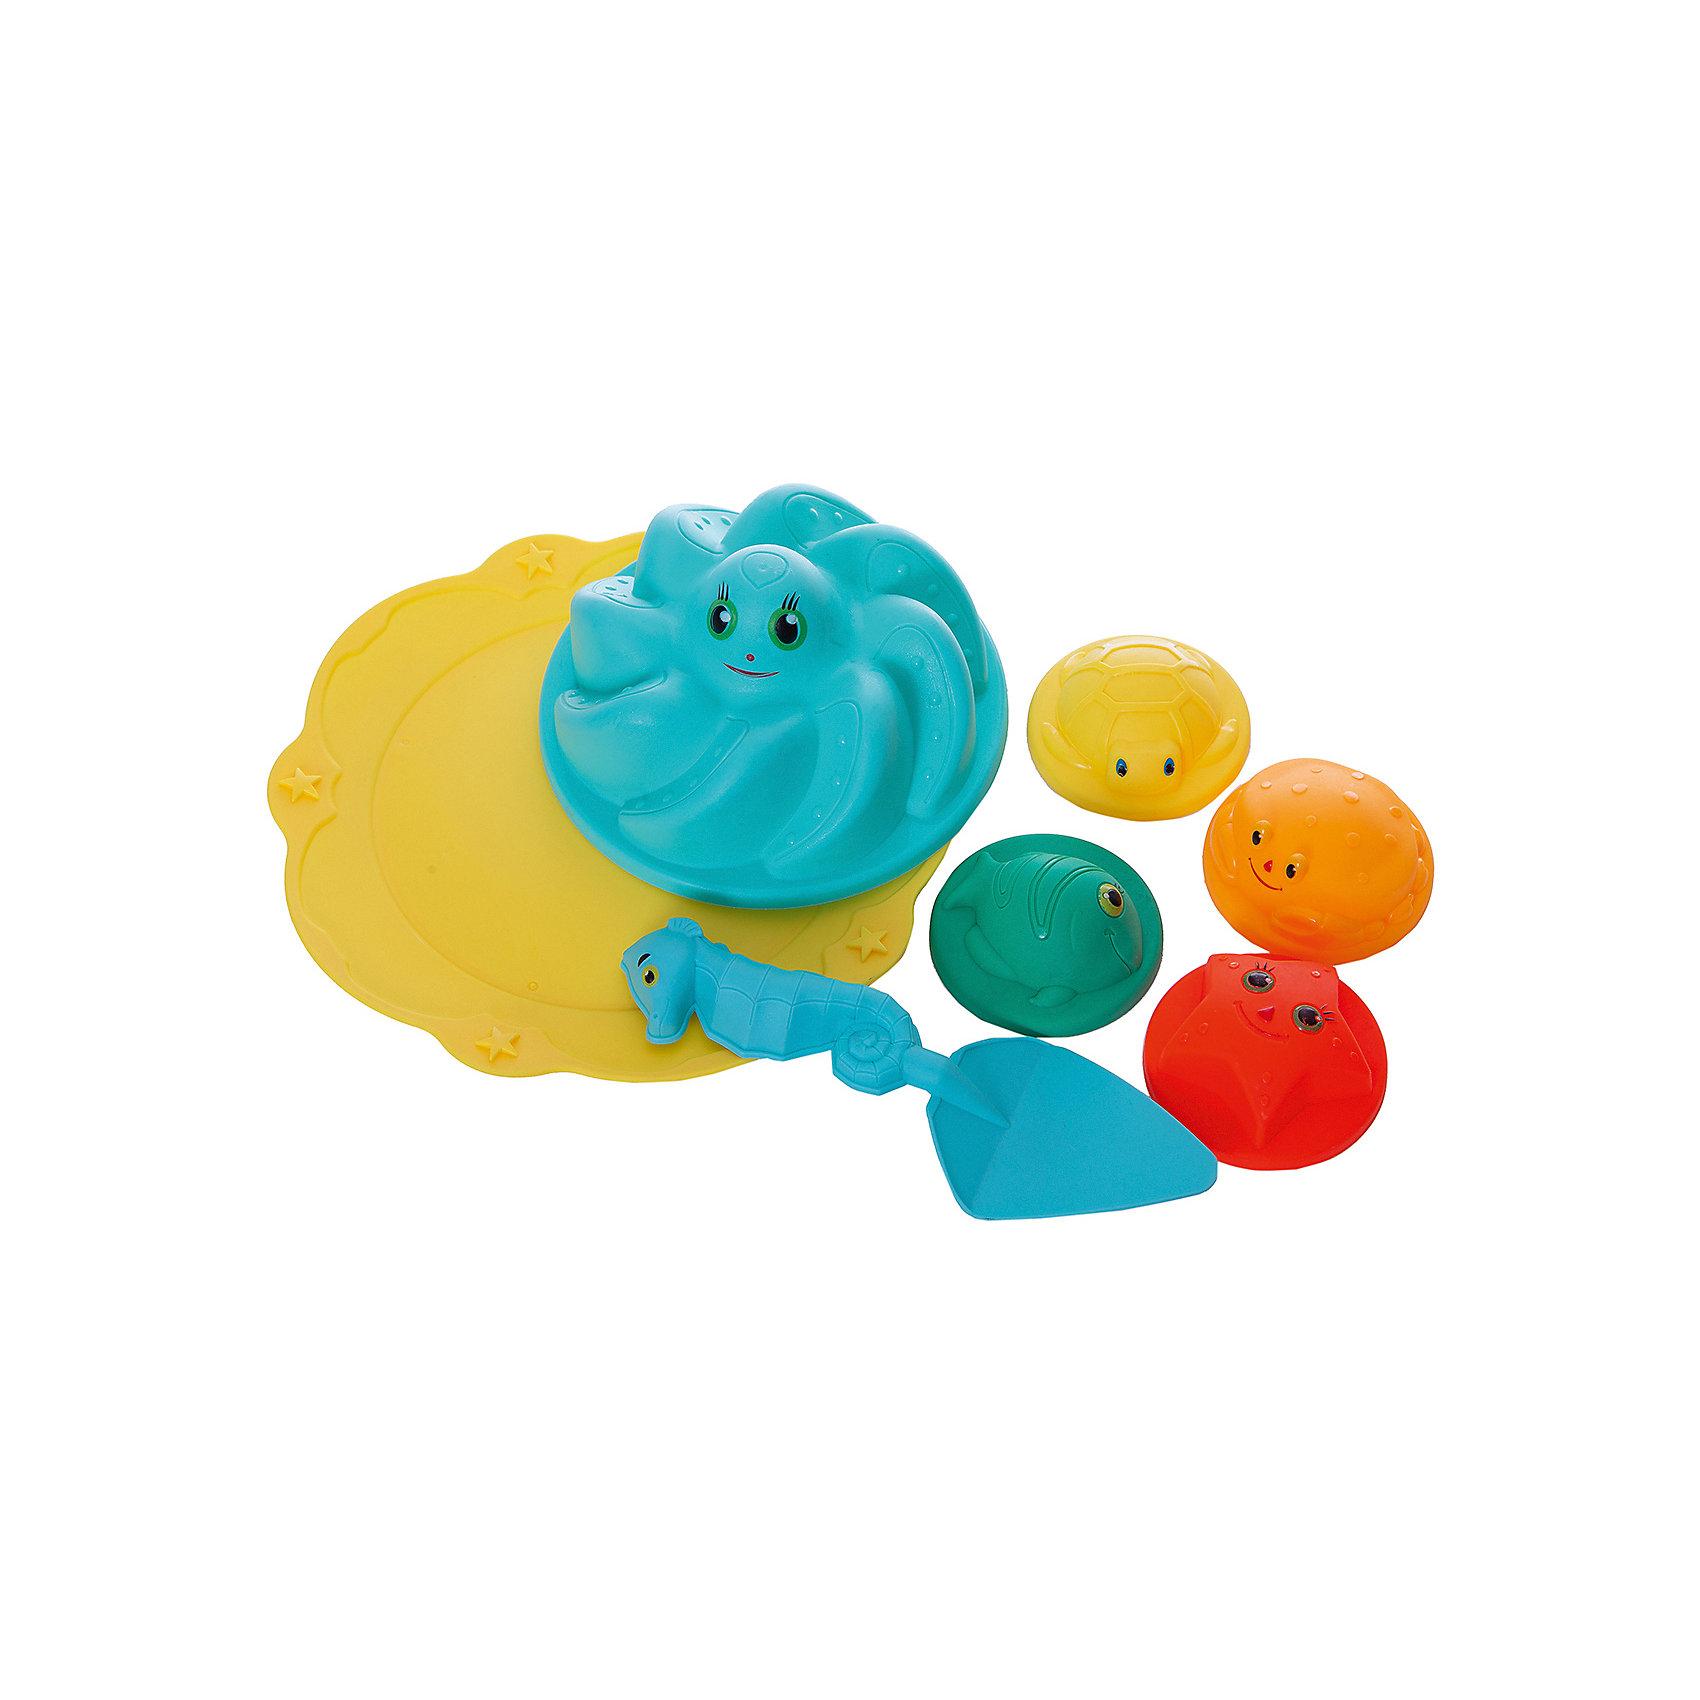 Набор для песка Лучик, 7 предметов, ABtoysИграем в песочнице<br>Набор для песка Лучик, 7 предметов, Abtoys (АБтойс)<br><br>Характеристики:<br><br>• в комплекте: 5 формочек, лопатка, подставка для формочек<br>• материал: пластик<br>• размер упаковки: 24х24х10 см<br>• вес: 170 грамм<br><br>Набор для песка Лучик изготовлен из высококачественного пластика, безопасного для детского здоровья. В комплект входят пять формочек, лопатка и подставка для формочек. Каждый предмет выполнен в виде забавного морского животного, с которым малышу непременно захочется поиграть. Набор Лучик точно  не даст заскучать во время игры!<br><br>Набор для песка Лучик, 7 предметов, Abtoys (АБтойс) можно купить в нашем интернет-магазине.<br><br>Ширина мм: 240<br>Глубина мм: 240<br>Высота мм: 100<br>Вес г: 170<br>Возраст от месяцев: 36<br>Возраст до месяцев: 2147483647<br>Пол: Унисекс<br>Возраст: Детский<br>SKU: 5571436